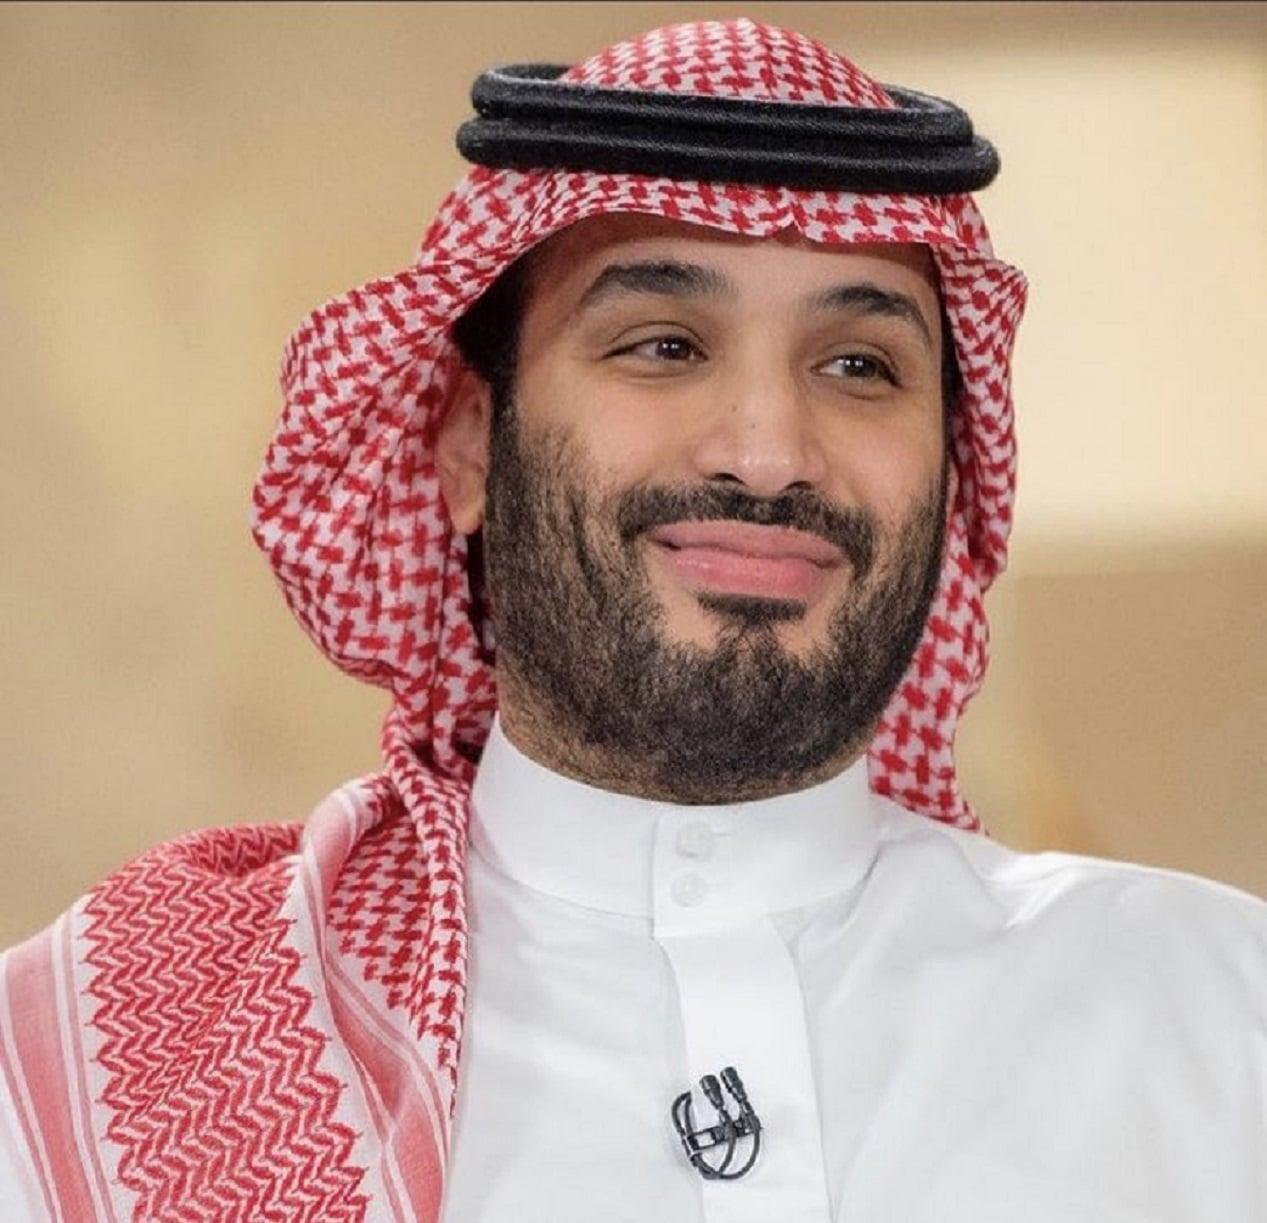 منظمة تفضح الأسرة الحاكمة في السعودية وتكشف تفشي الفساد في مؤسسات المملكة